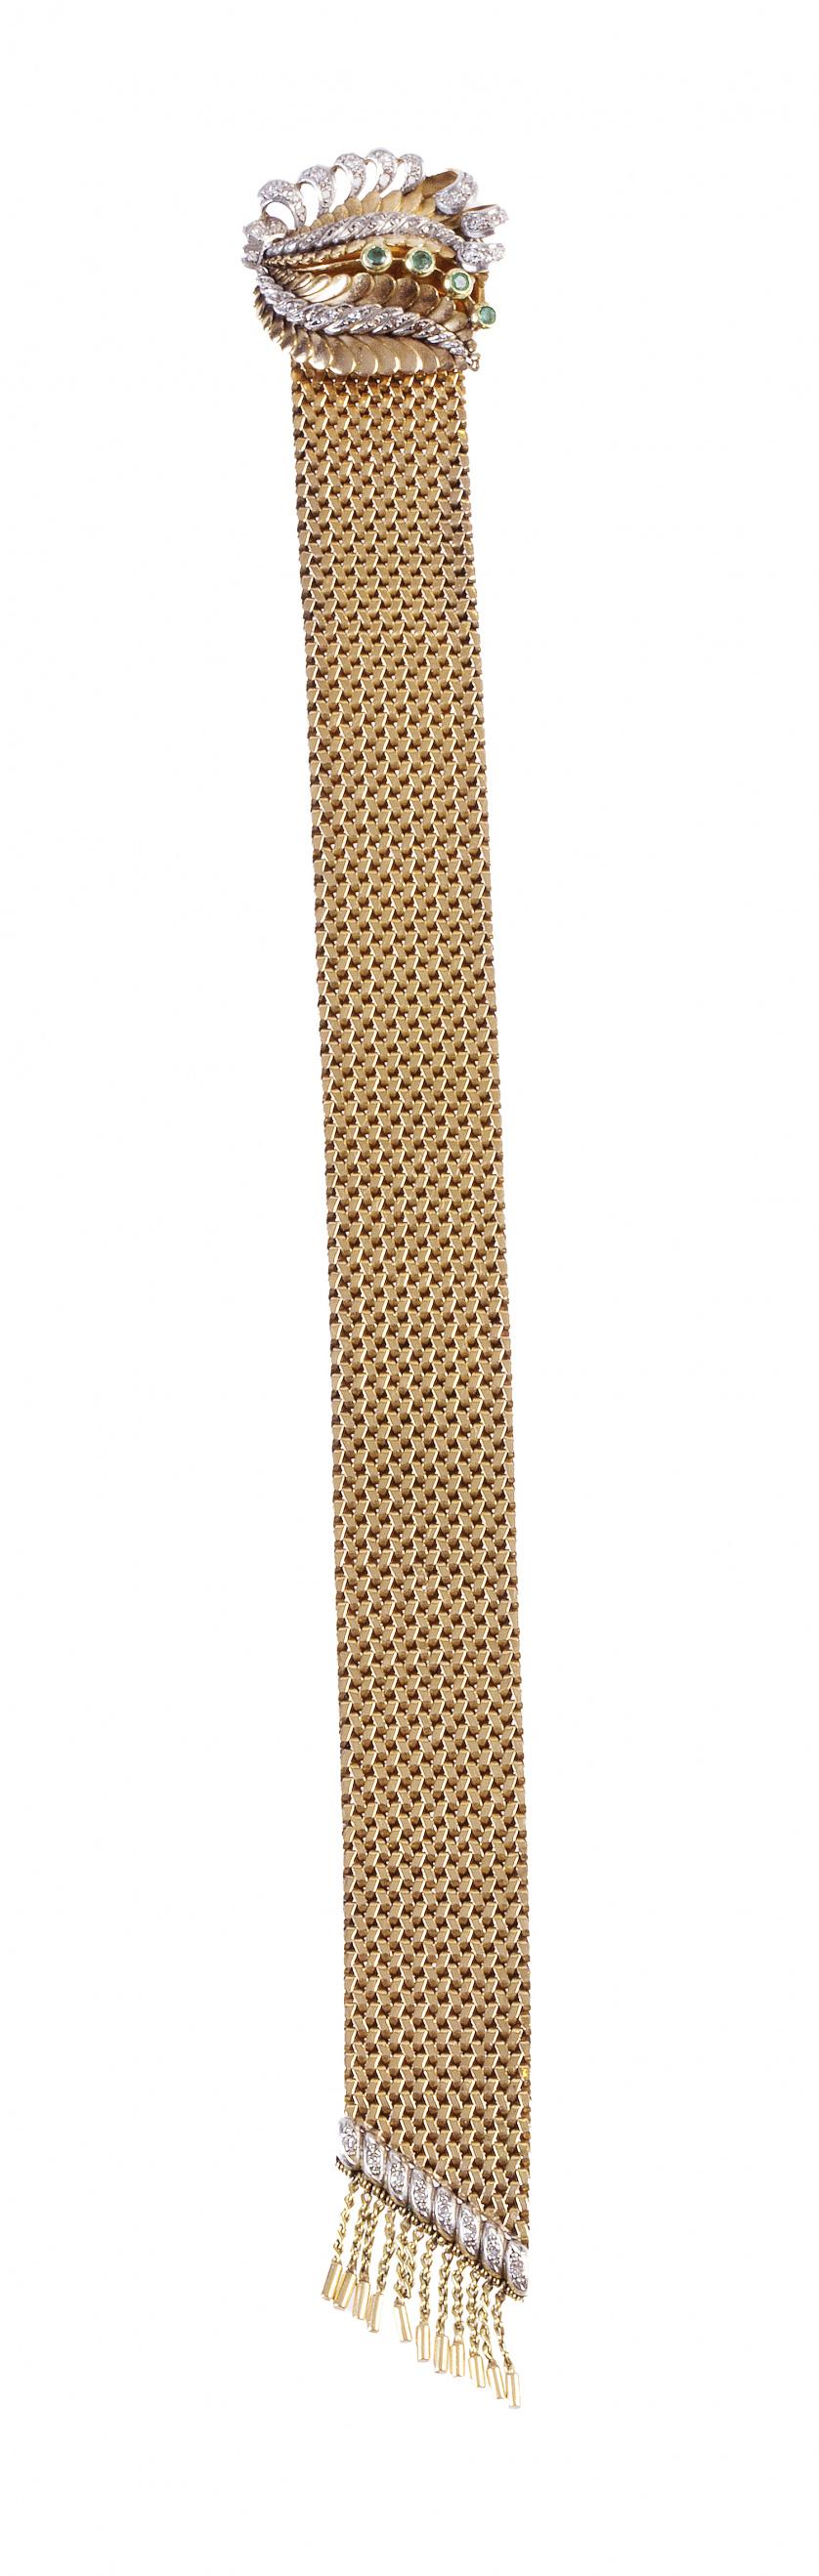 Pulsera en malla de oro años 40 con centro de hojas de diam